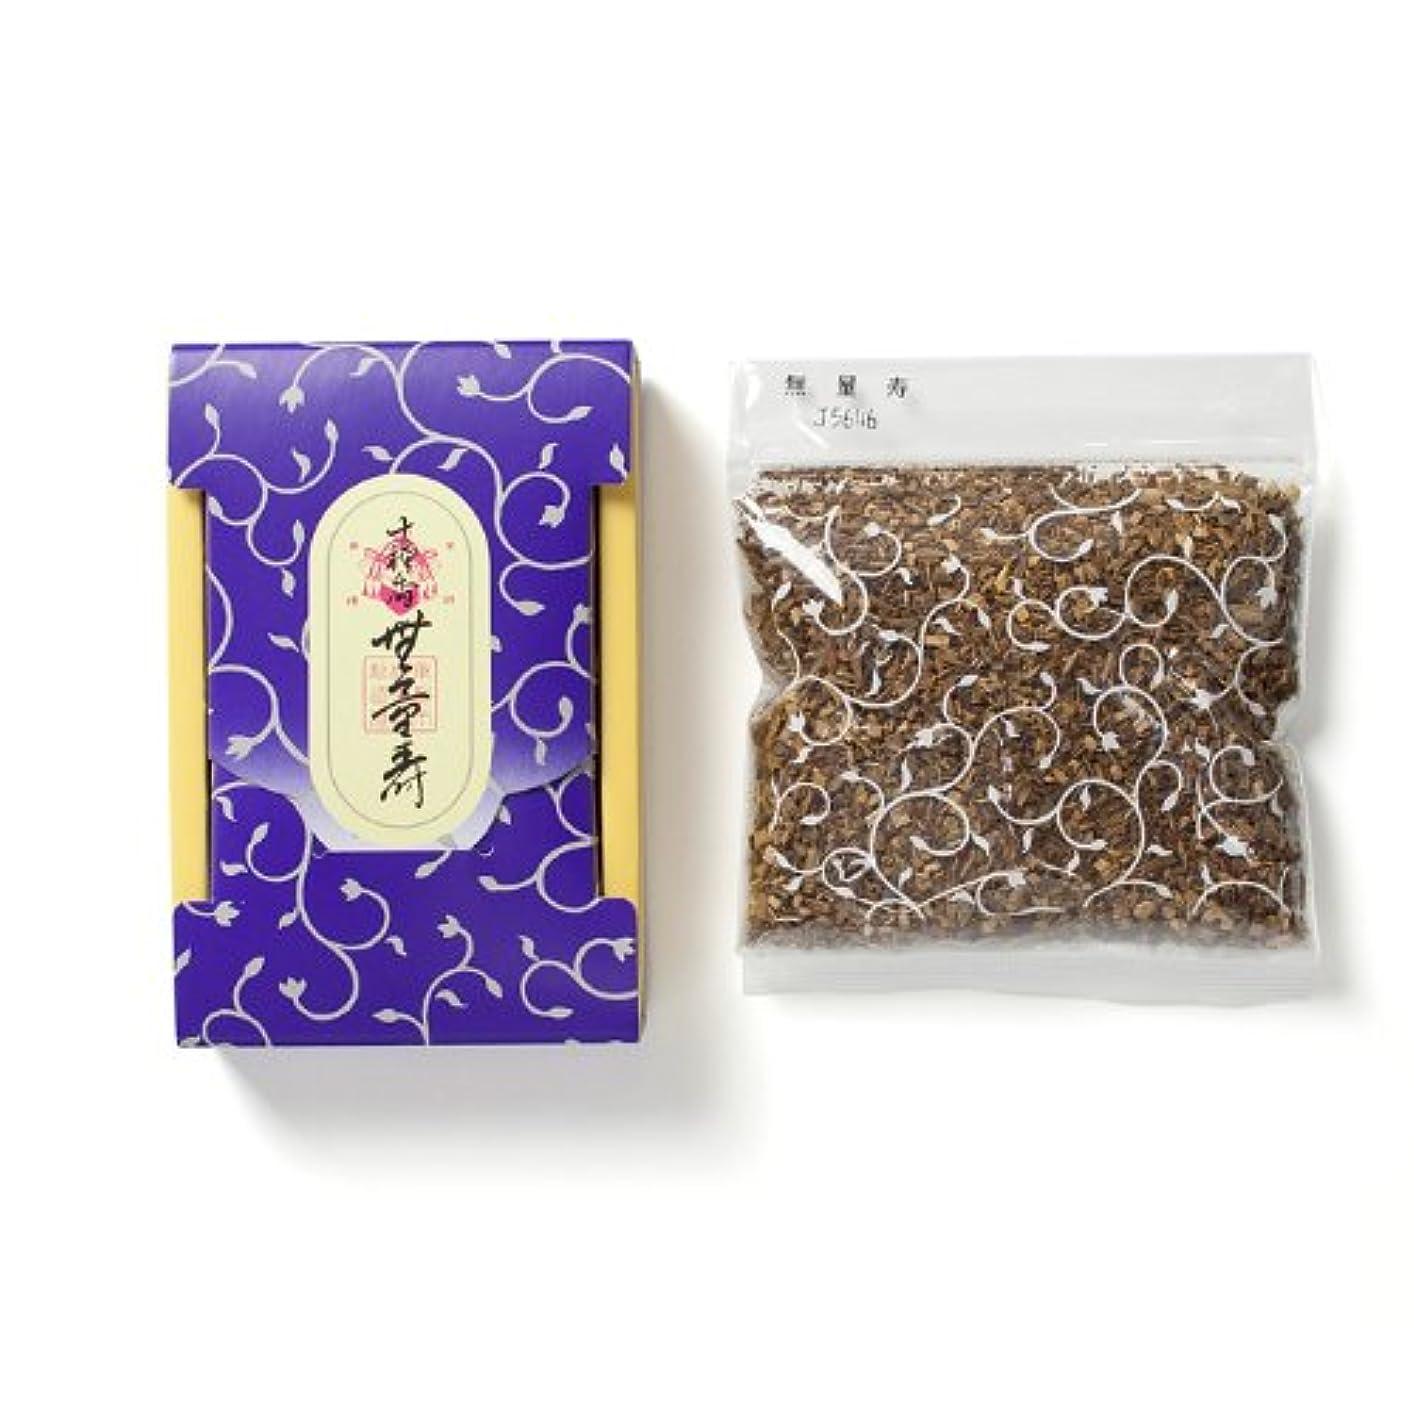 ファントム掃く太字松栄堂のお焼香 十種香 無量寿 25g詰 小箱入 #410841